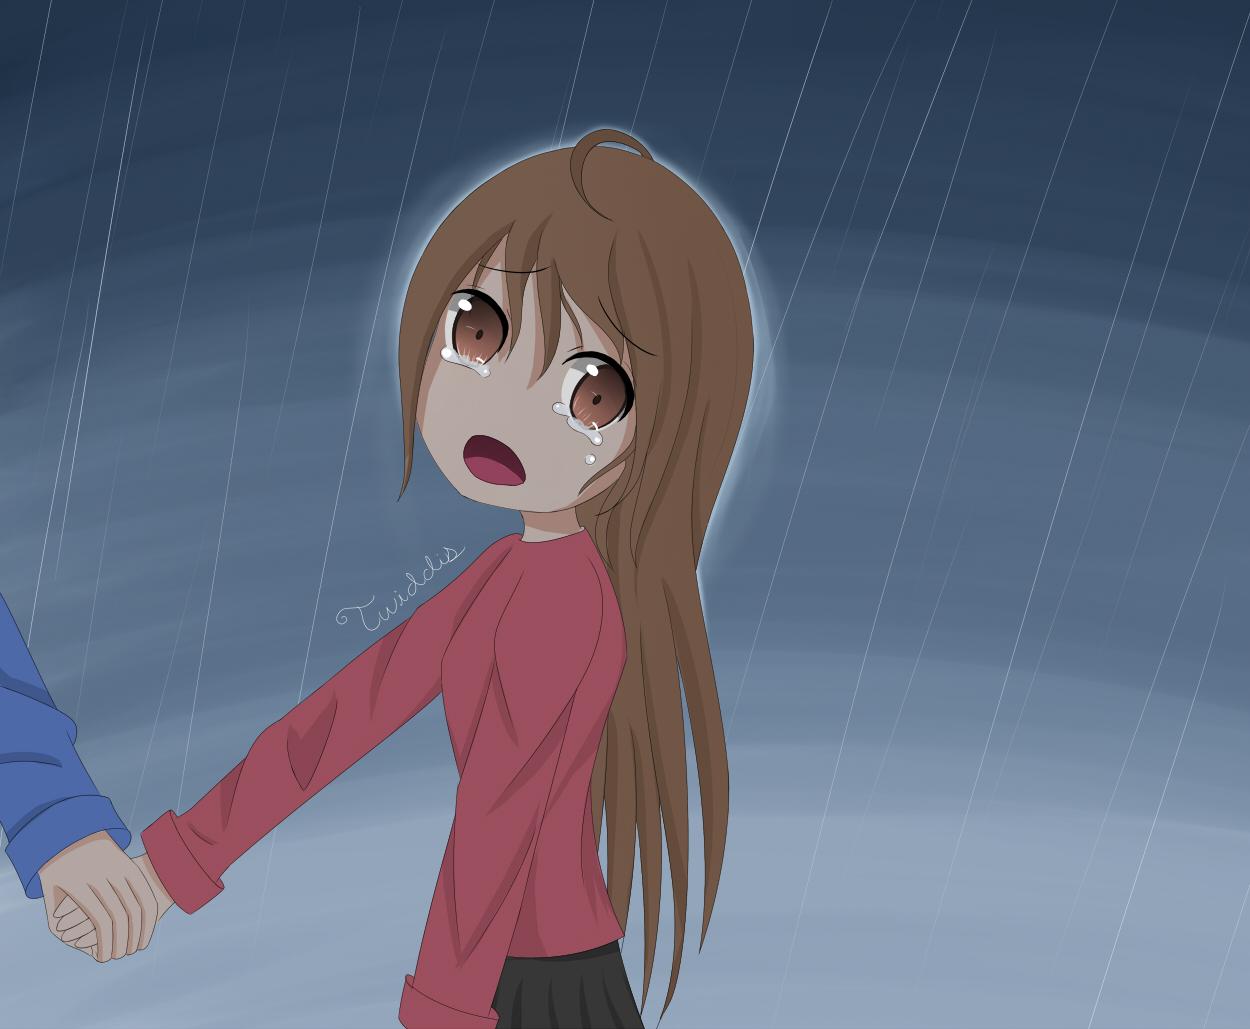 Don't take her away :(